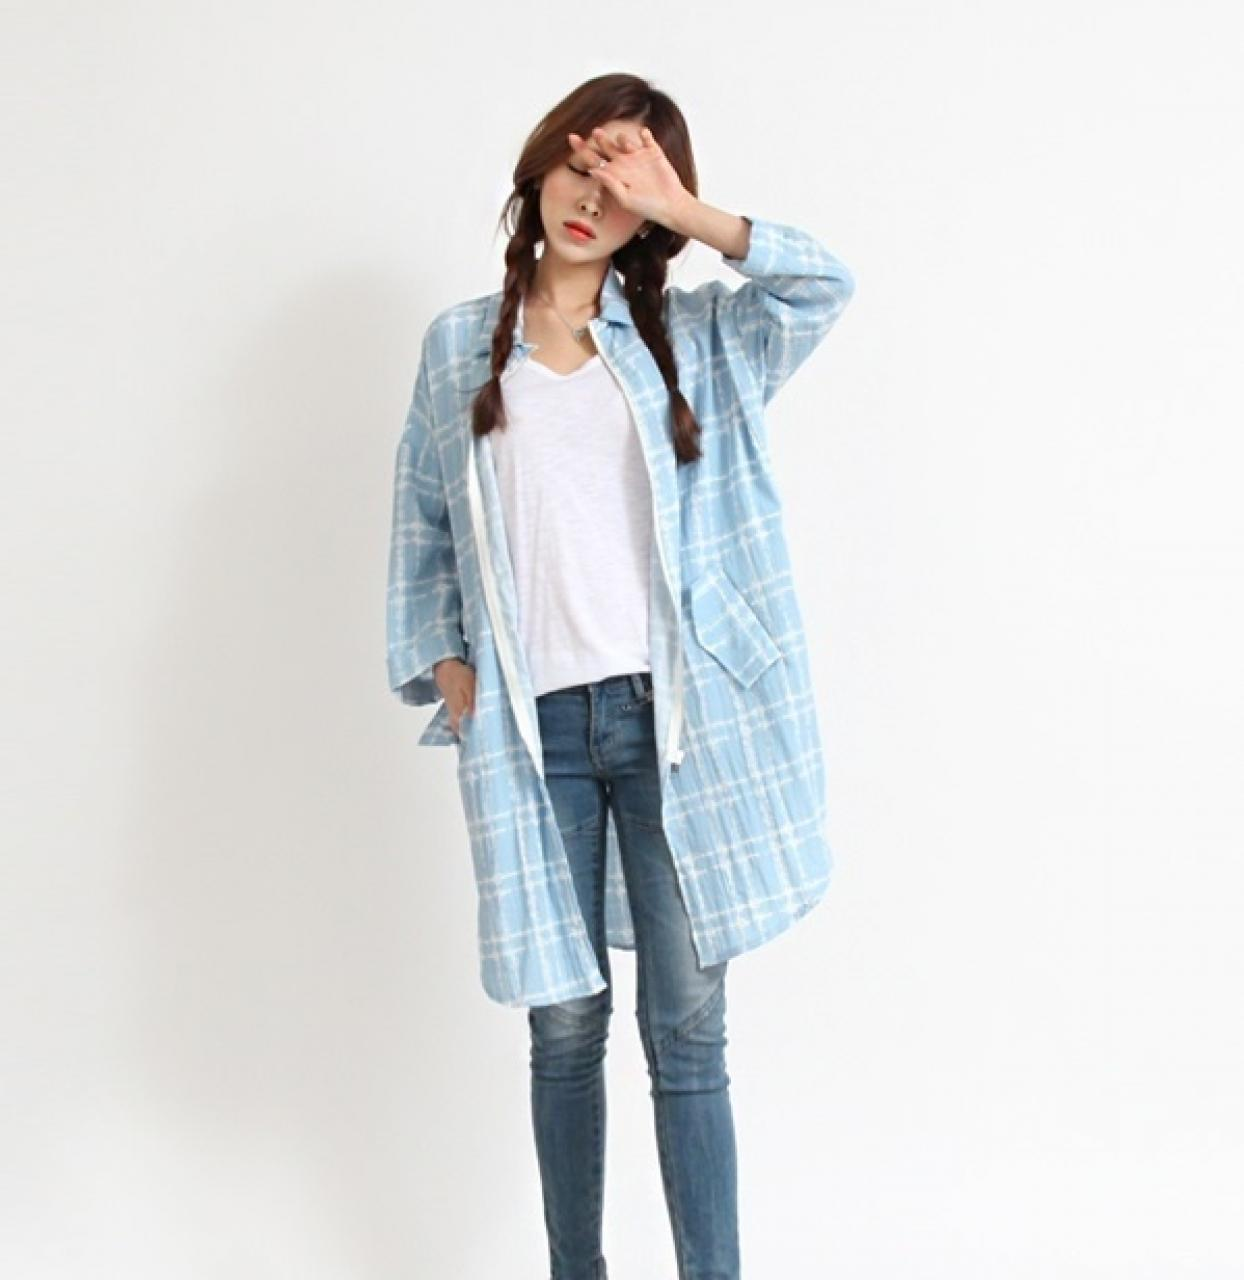 Kiểu áo khoác nữ mỏng đẹp thu đông 2021 - 2022 style độc đáo quyến rũ